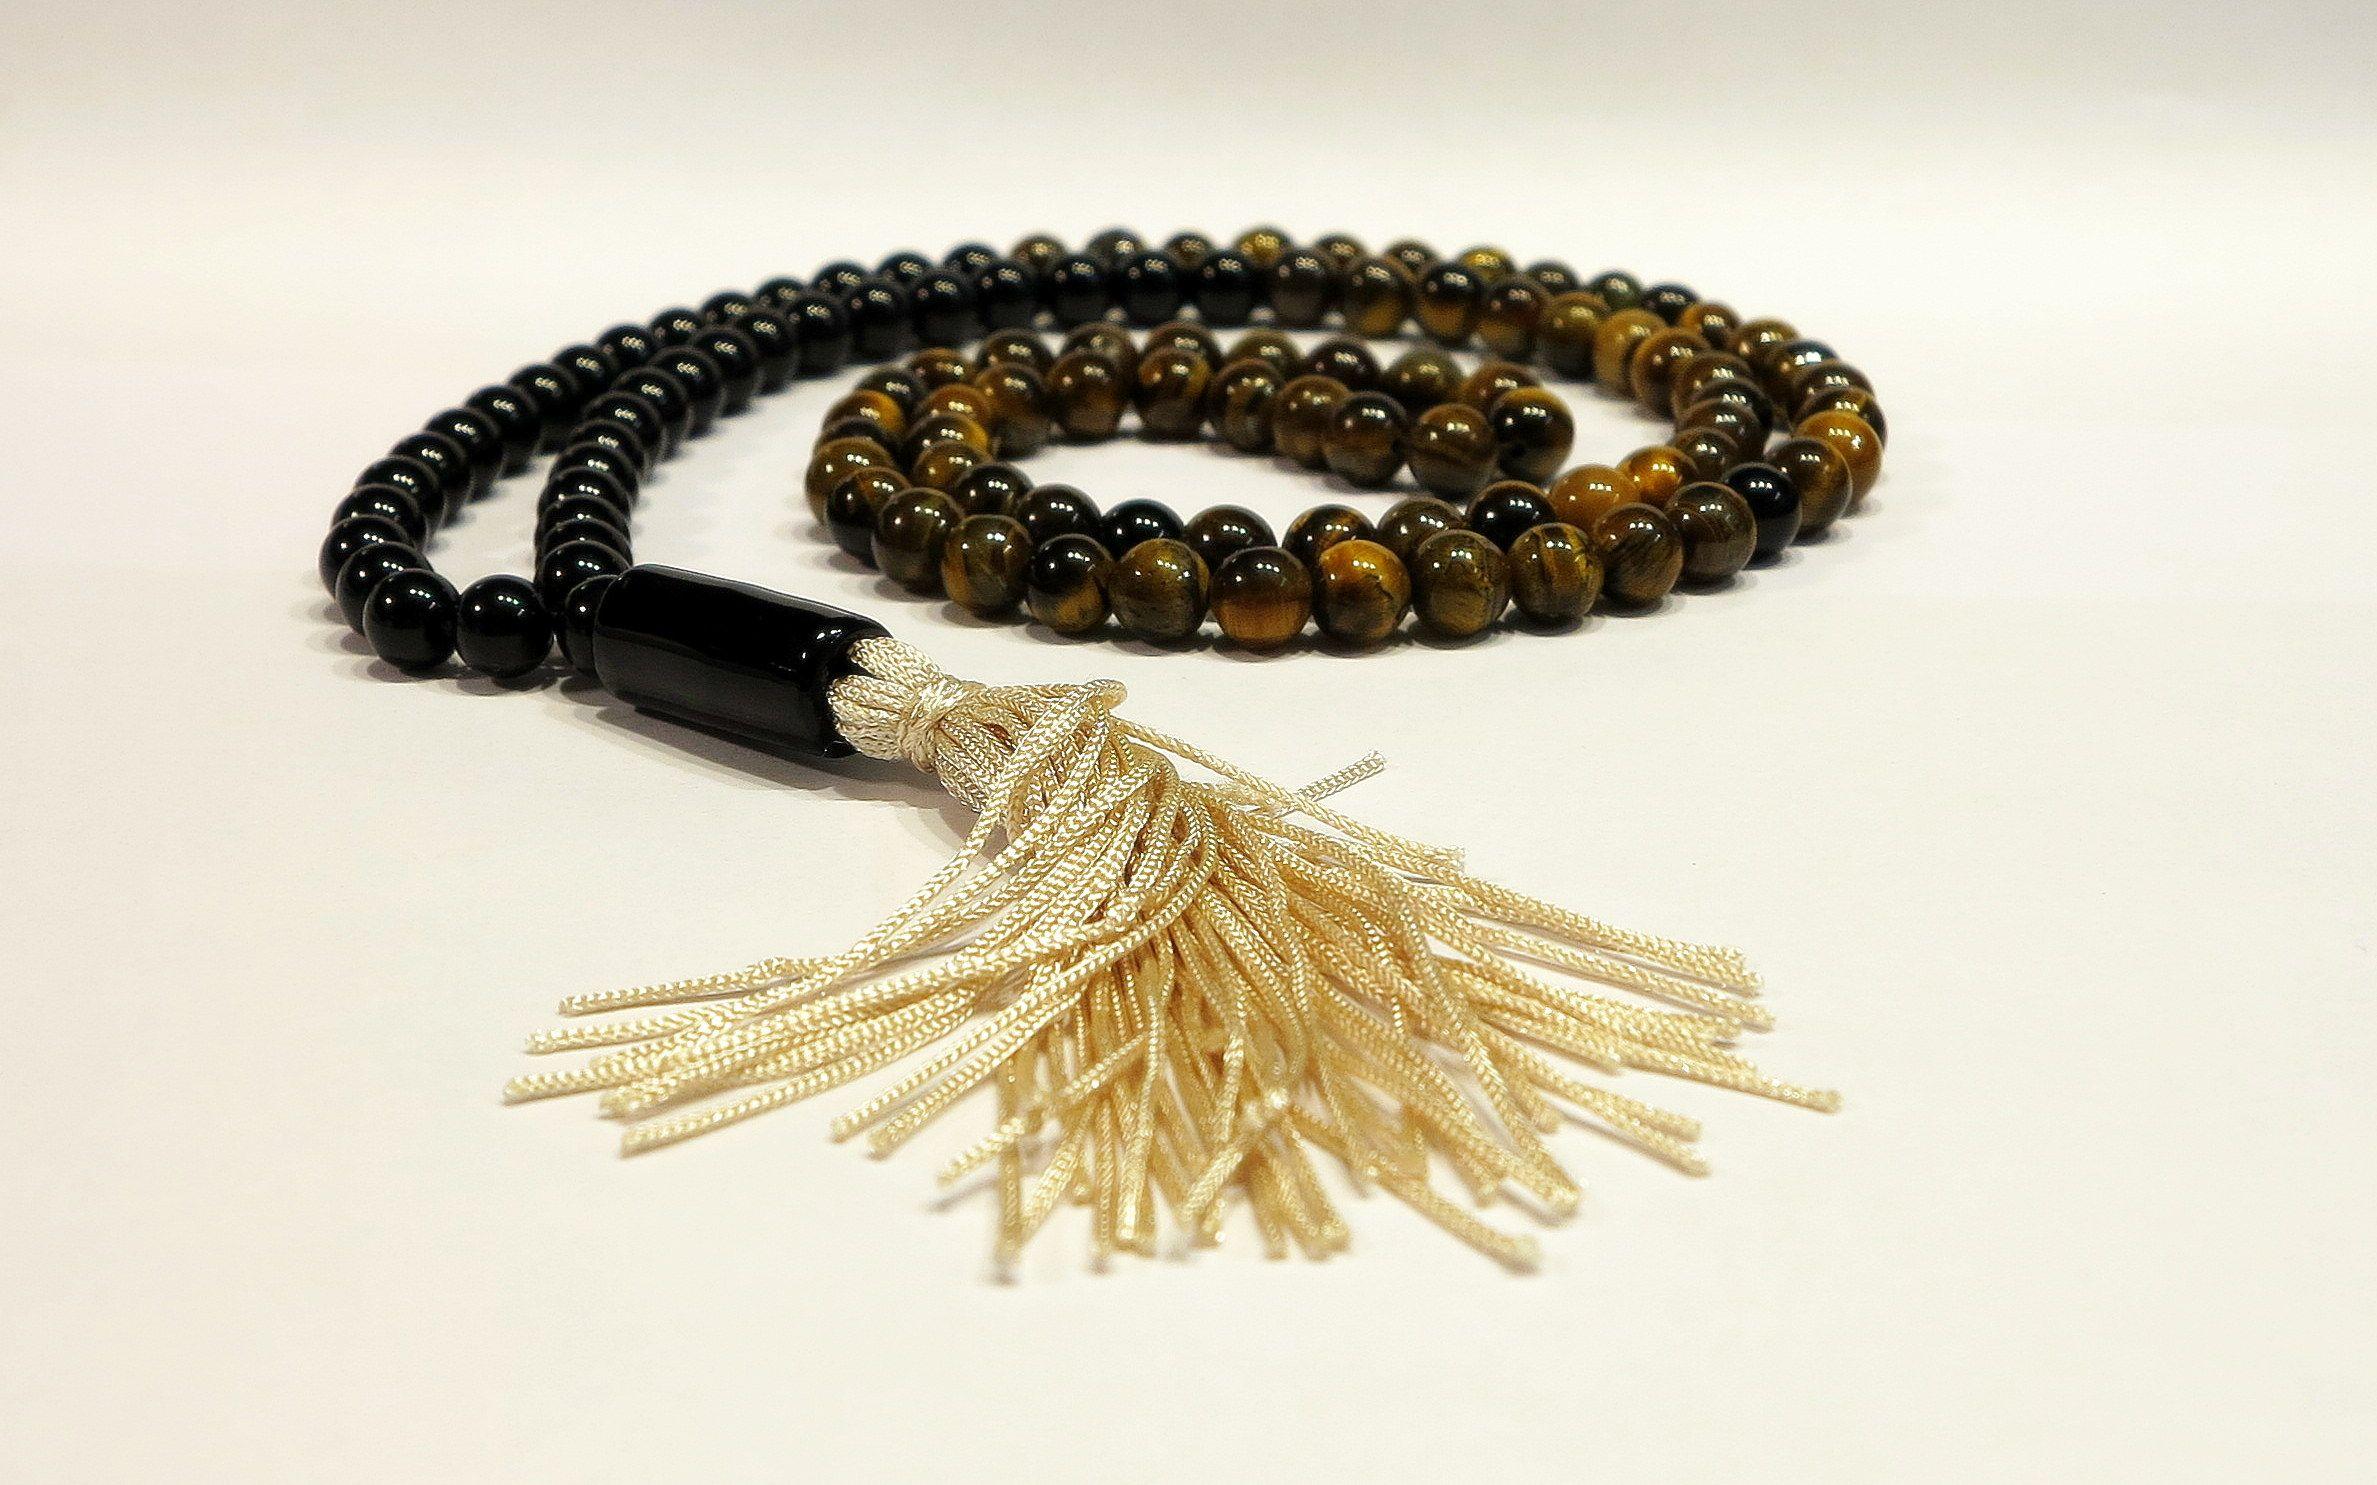 Concepção de Japamala Shiva Black e preço http://ift.tt/2yuTrfF